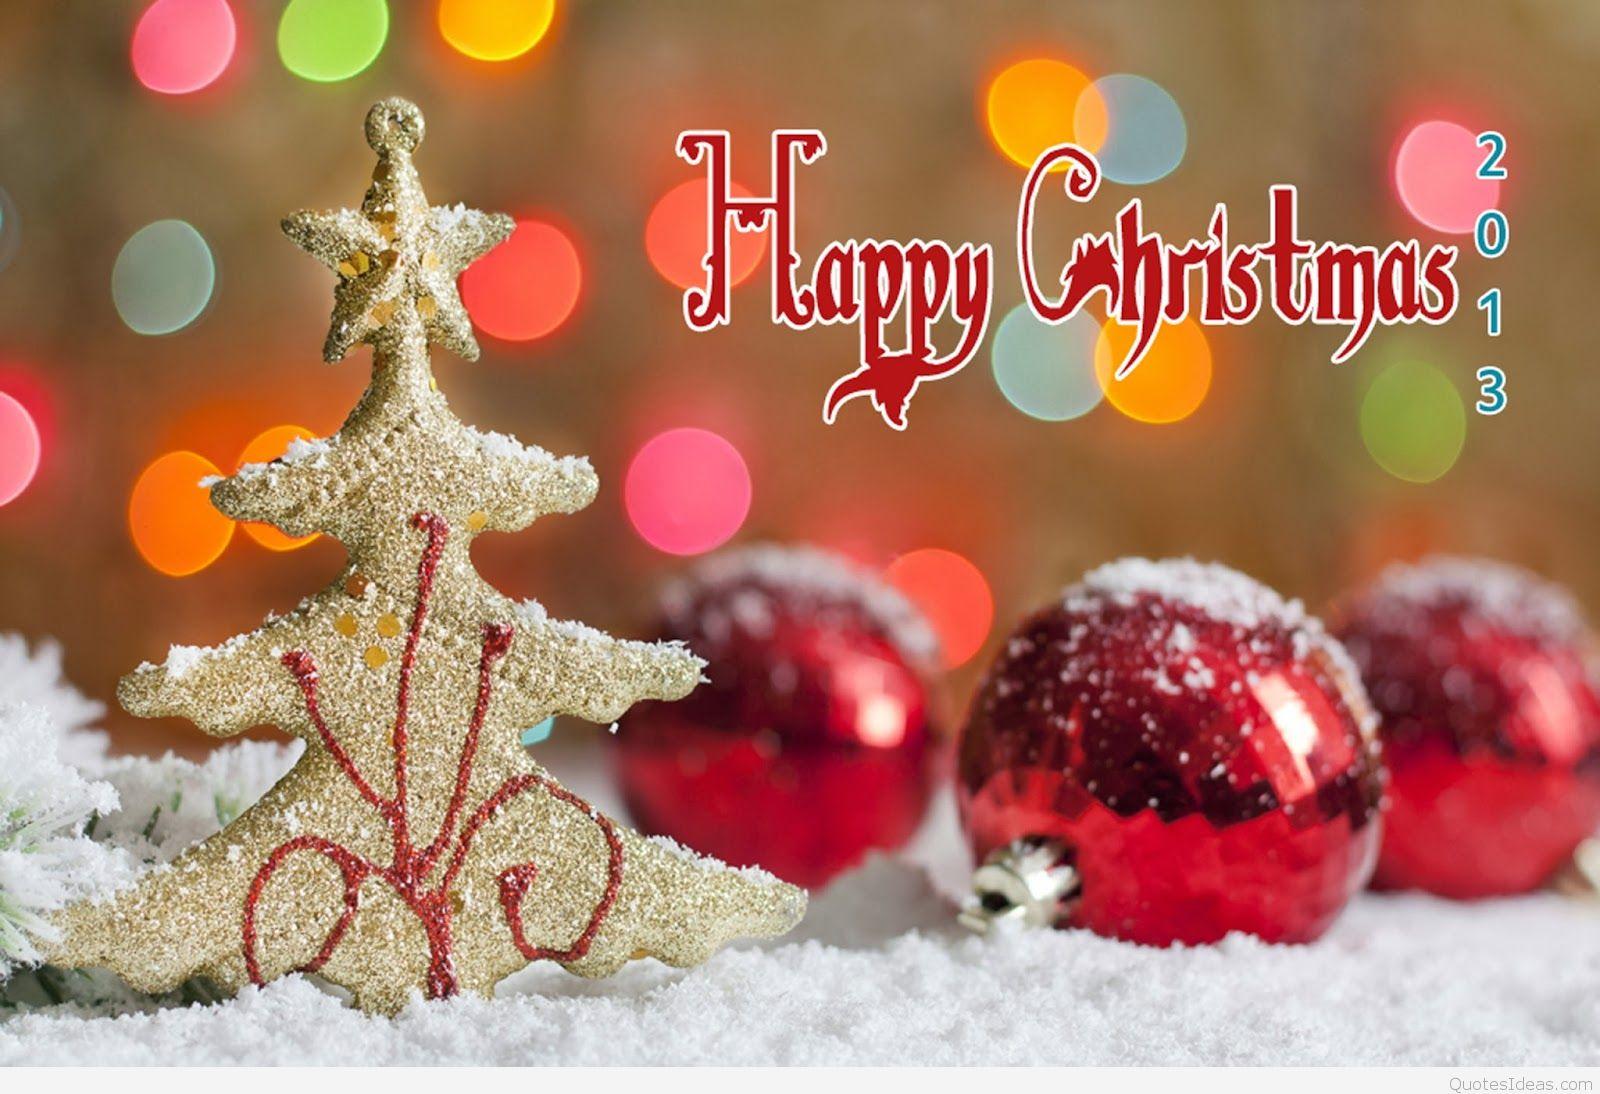 Christmas wish 1